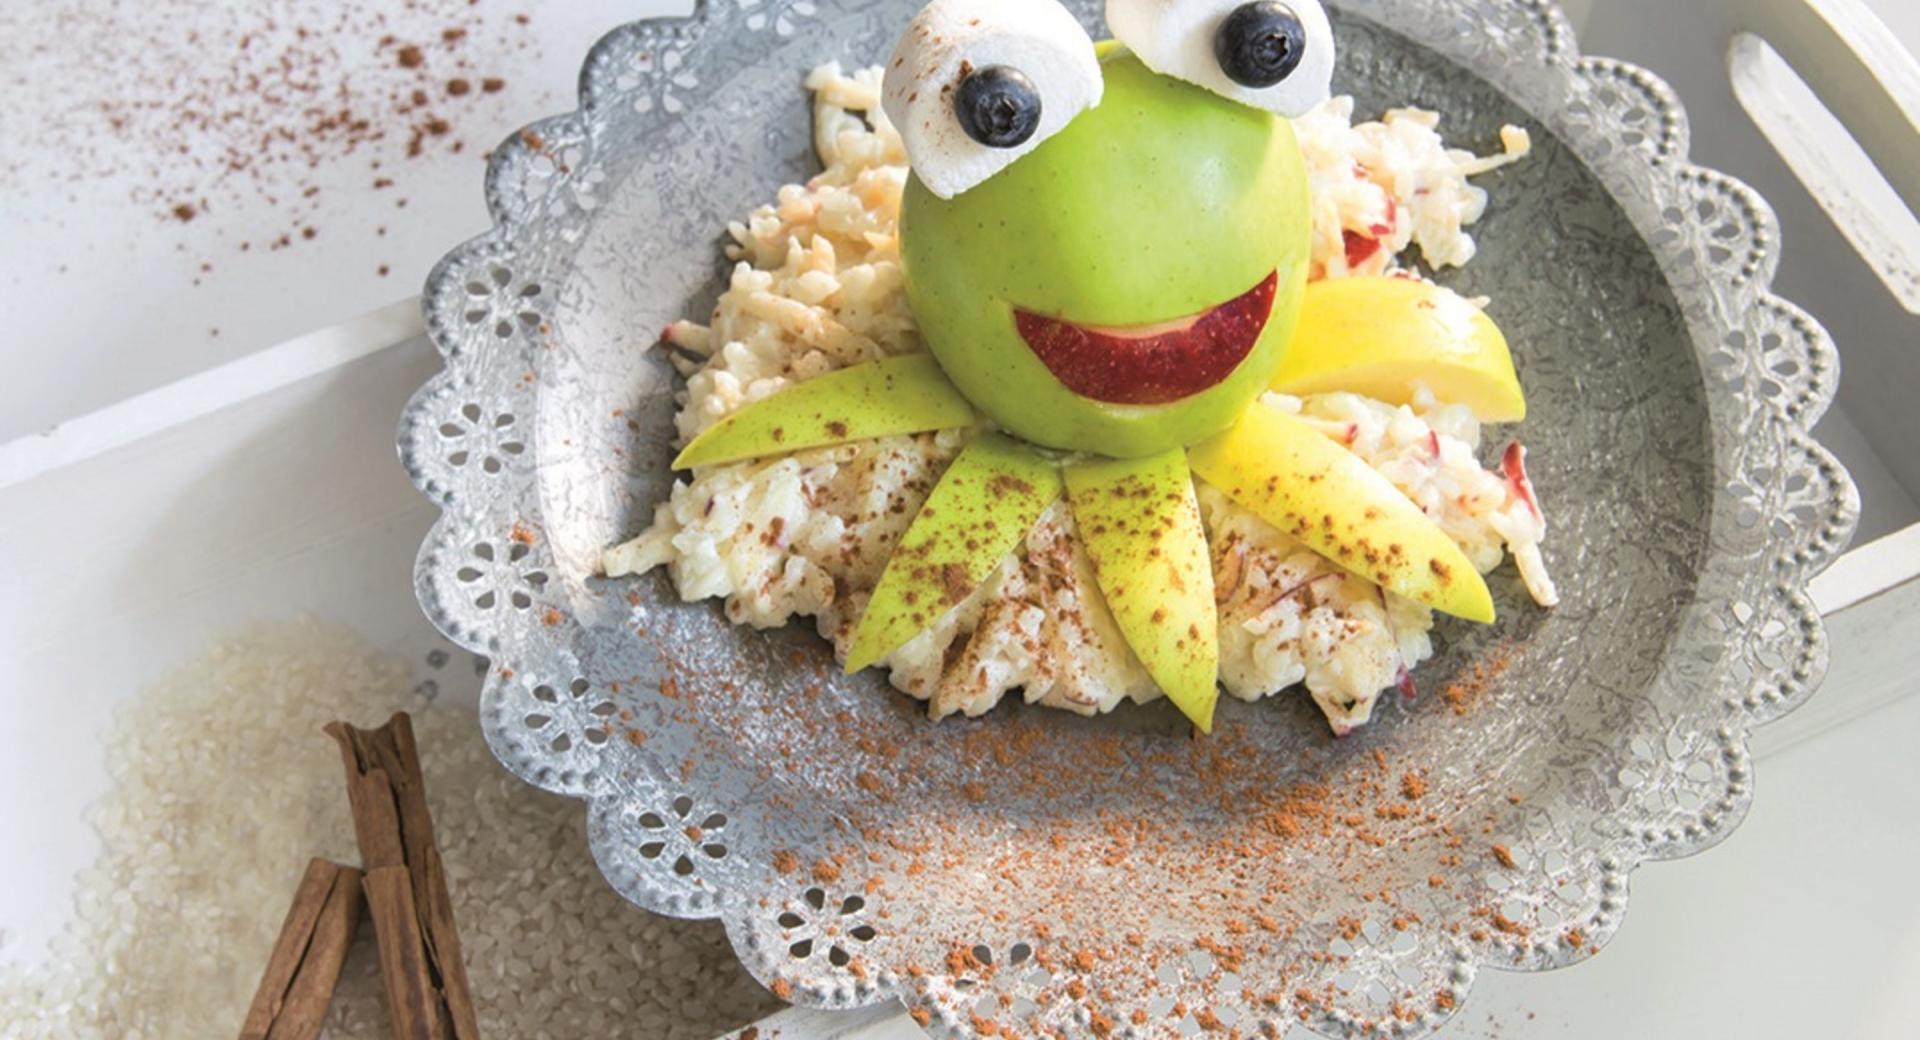 Pudin de arroz con manzanas y almendras